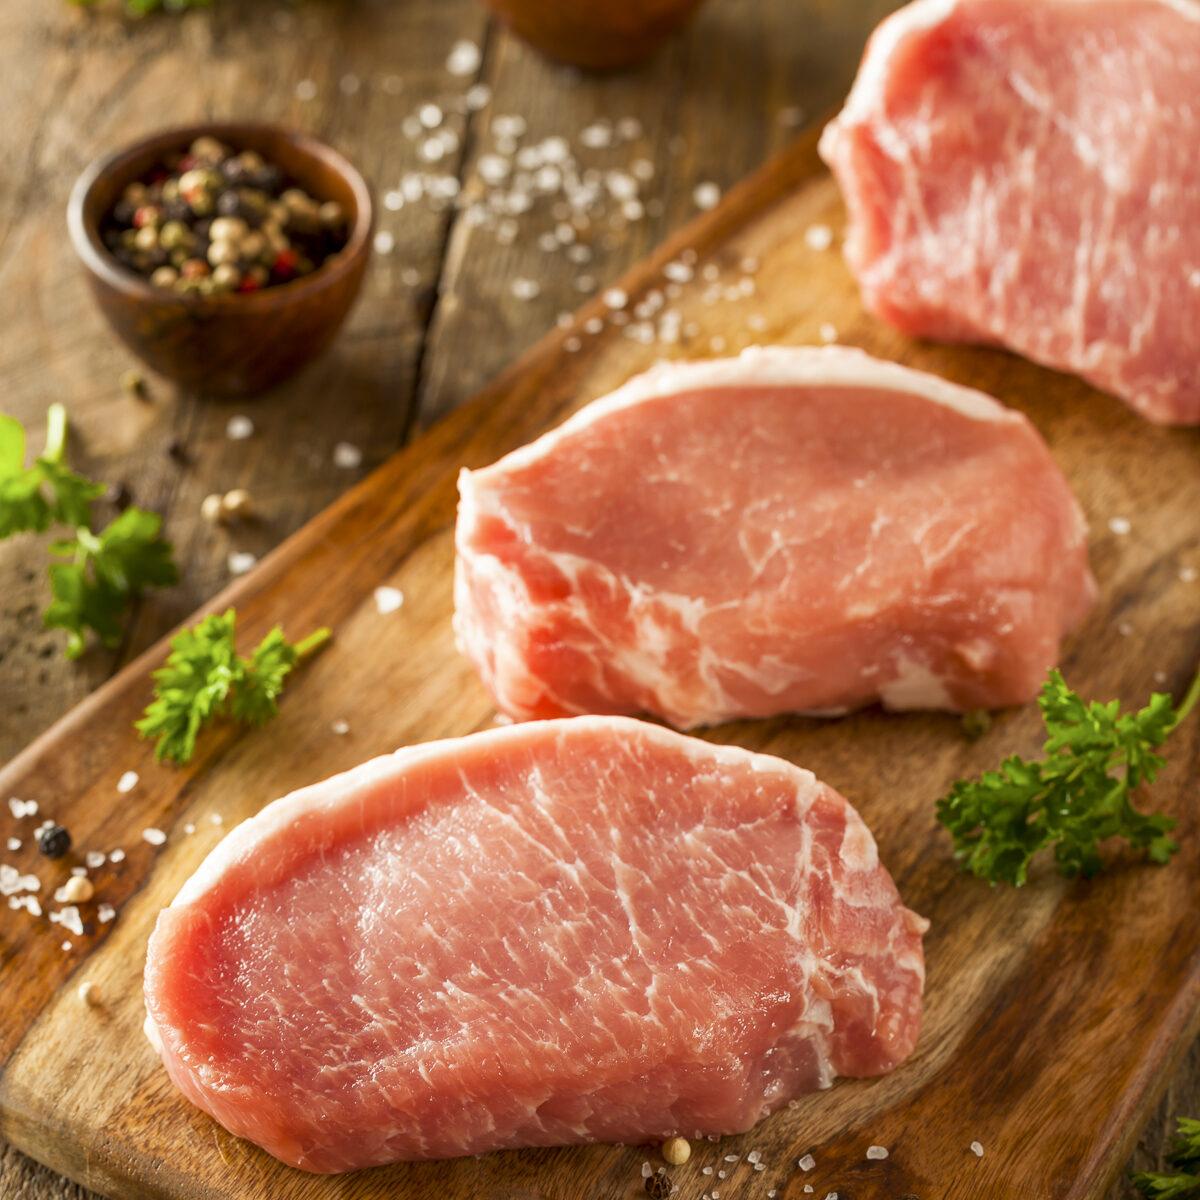 pork chops on a cutting board